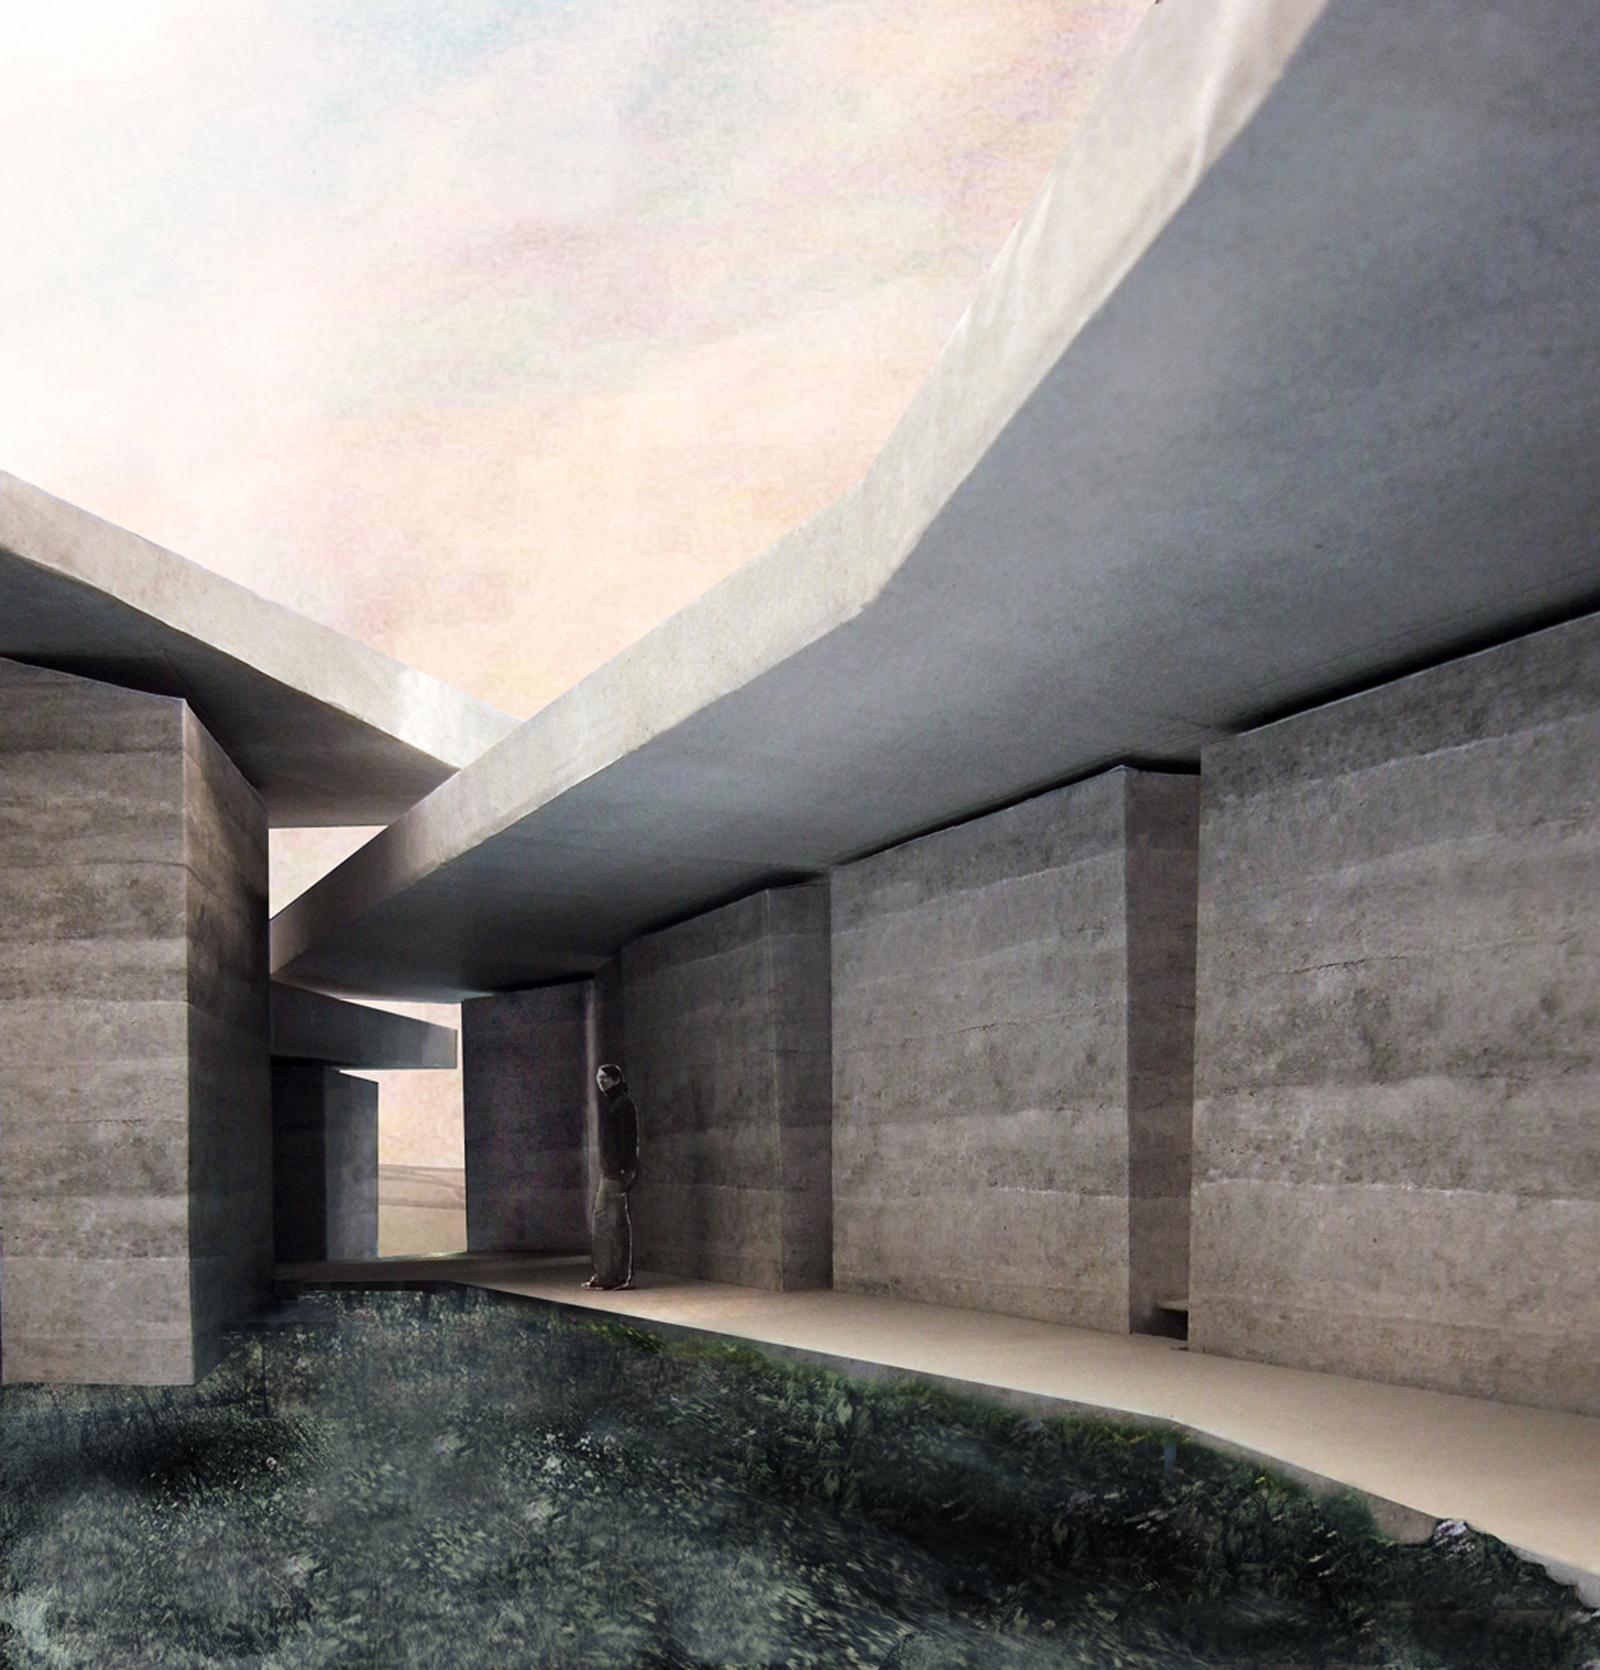 Alain De Botton On Living Architecture Assemble Papers